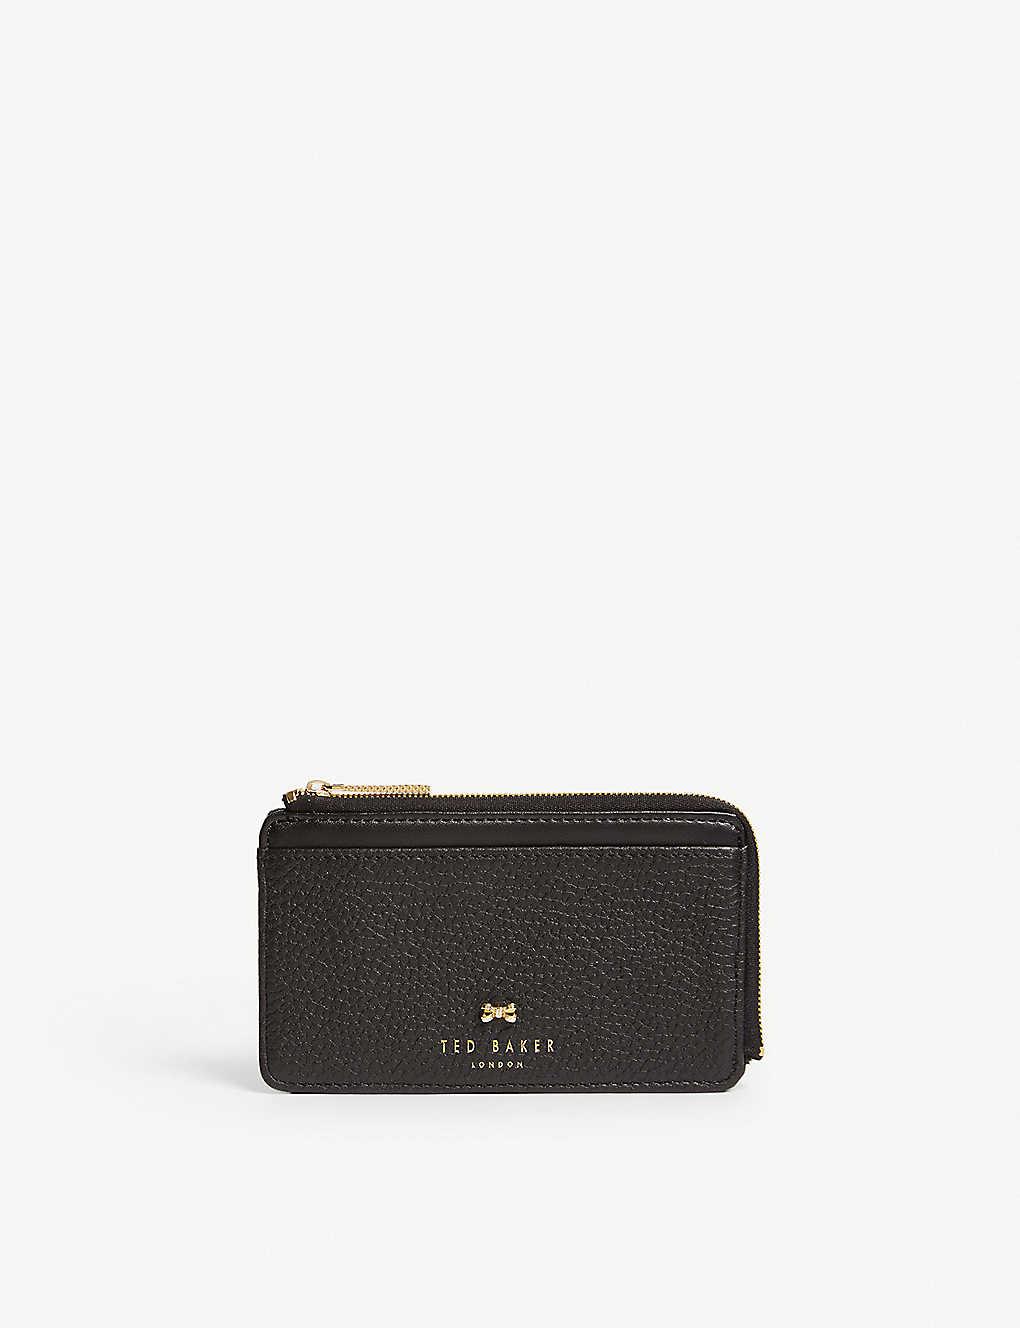 16b6d3e93c TED BAKER - Lotta zip-around leather card holder | Selfridges.com